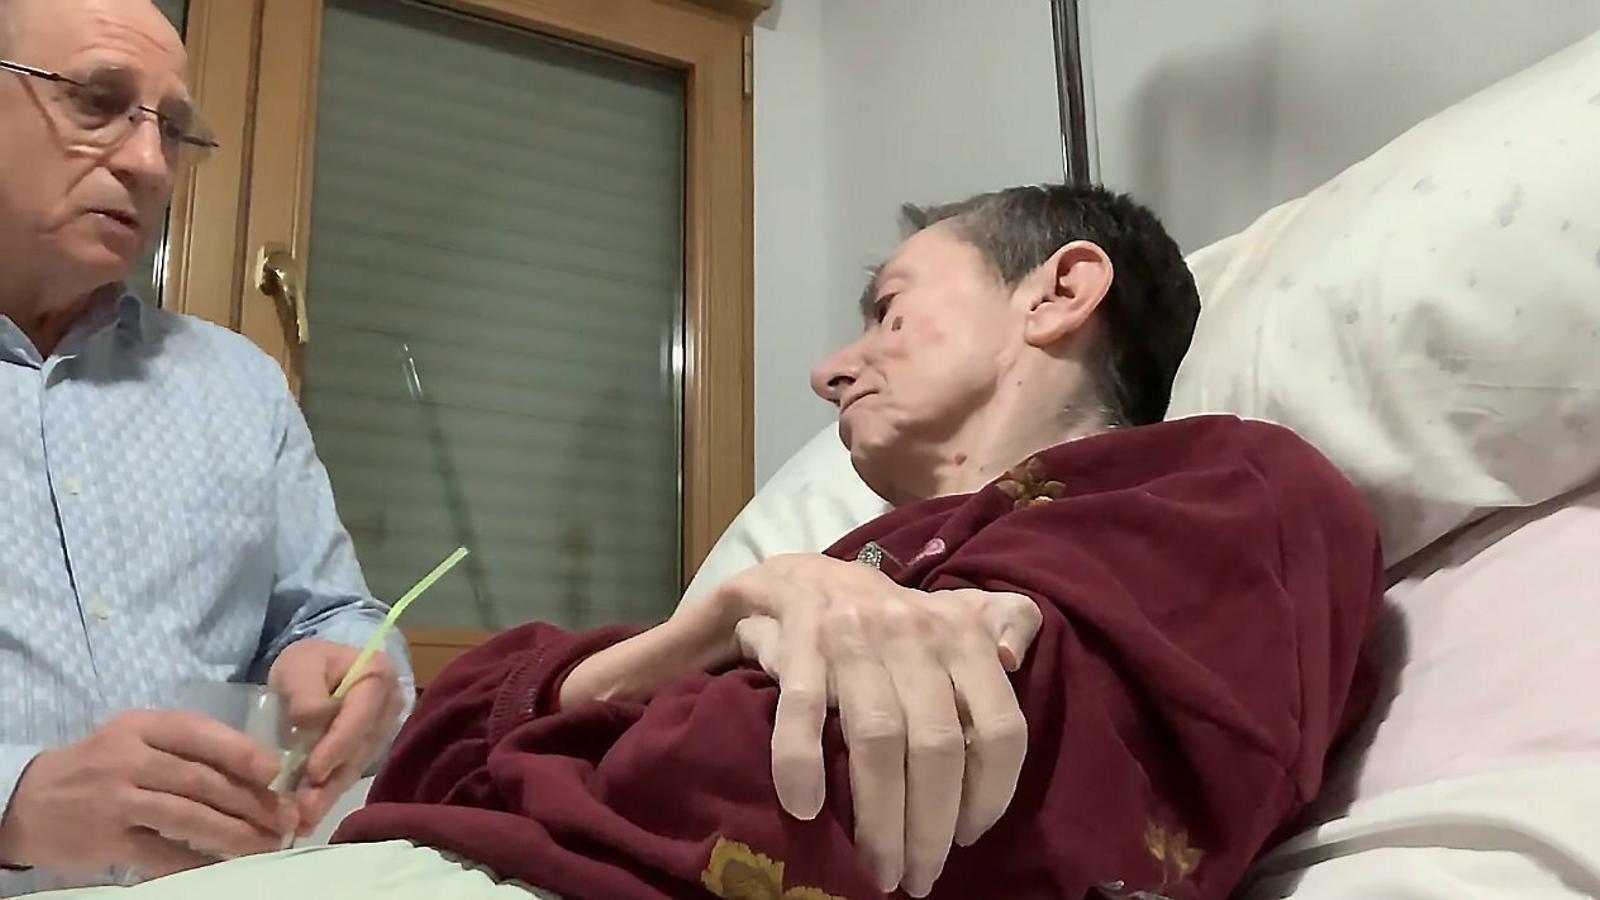 El jutge que instruïa el cas d'eutanàsia l'envia a un tribunal de violència masclista